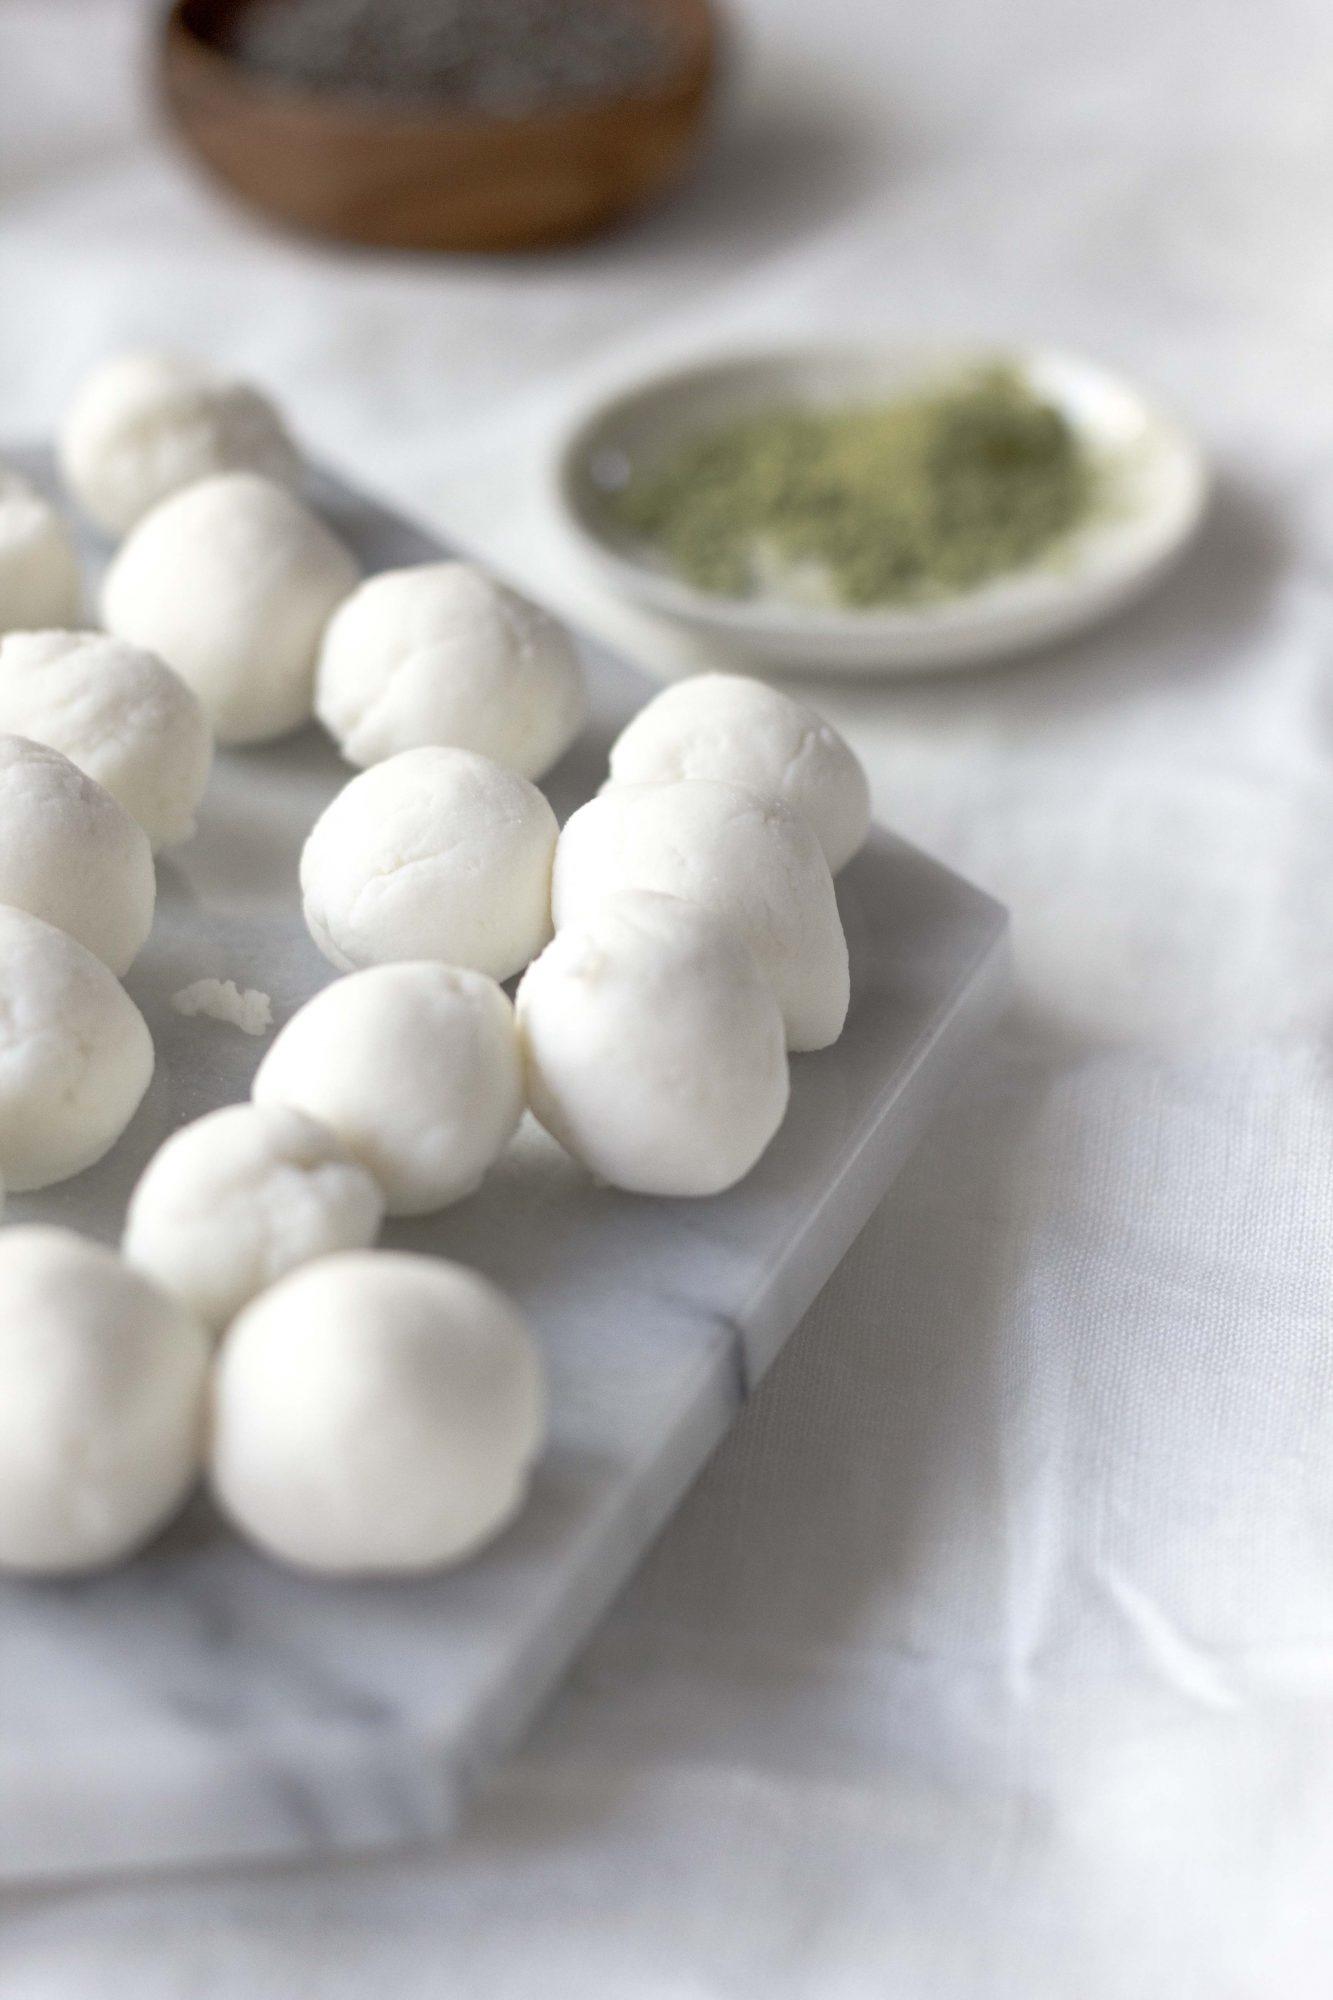 Warm Matcha Chia Pudding with Mochi Balls